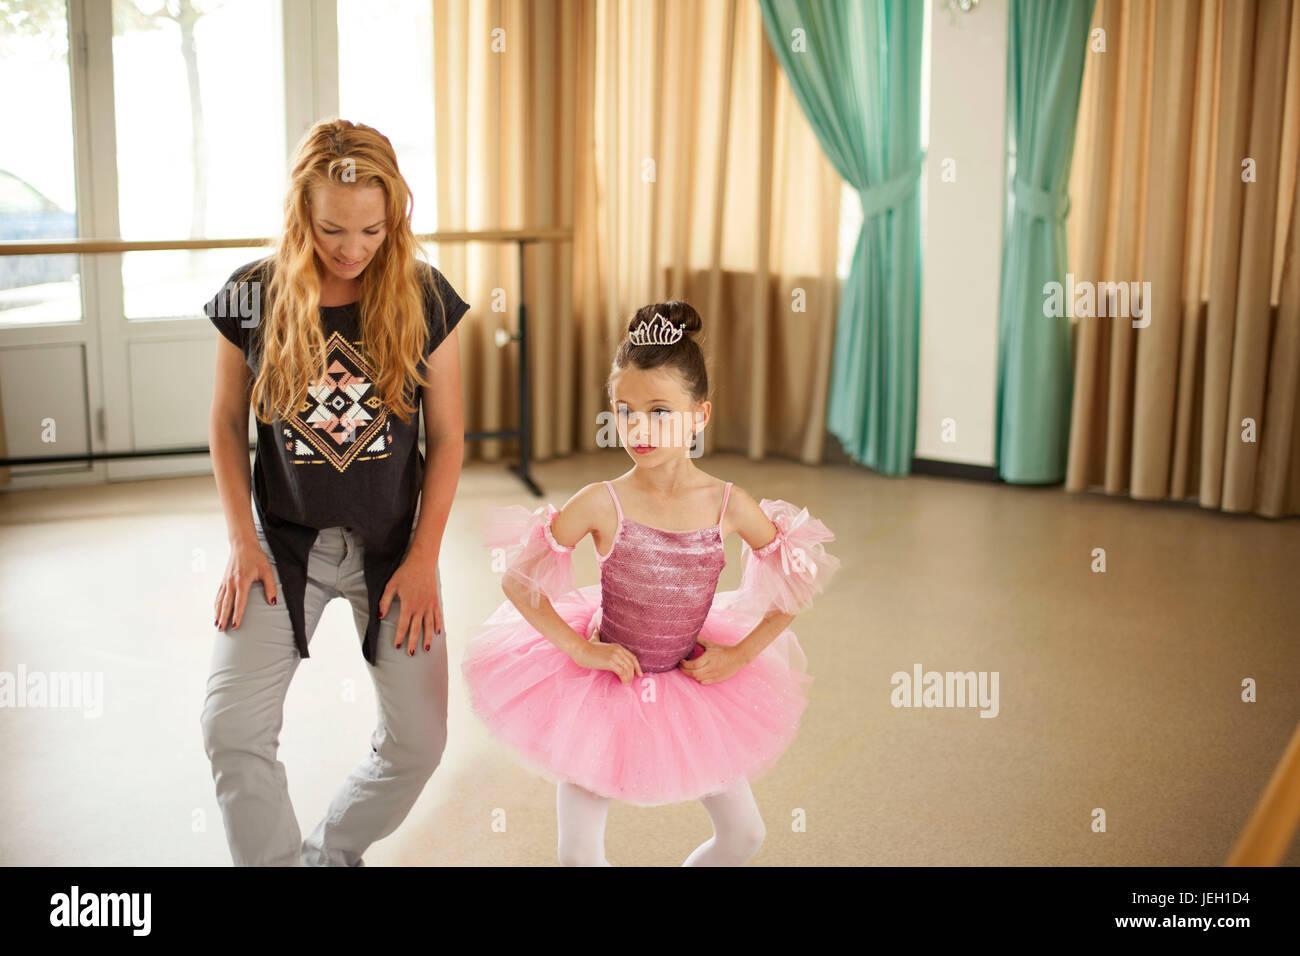 Baby ballerinas in ballet studio - Stock Image